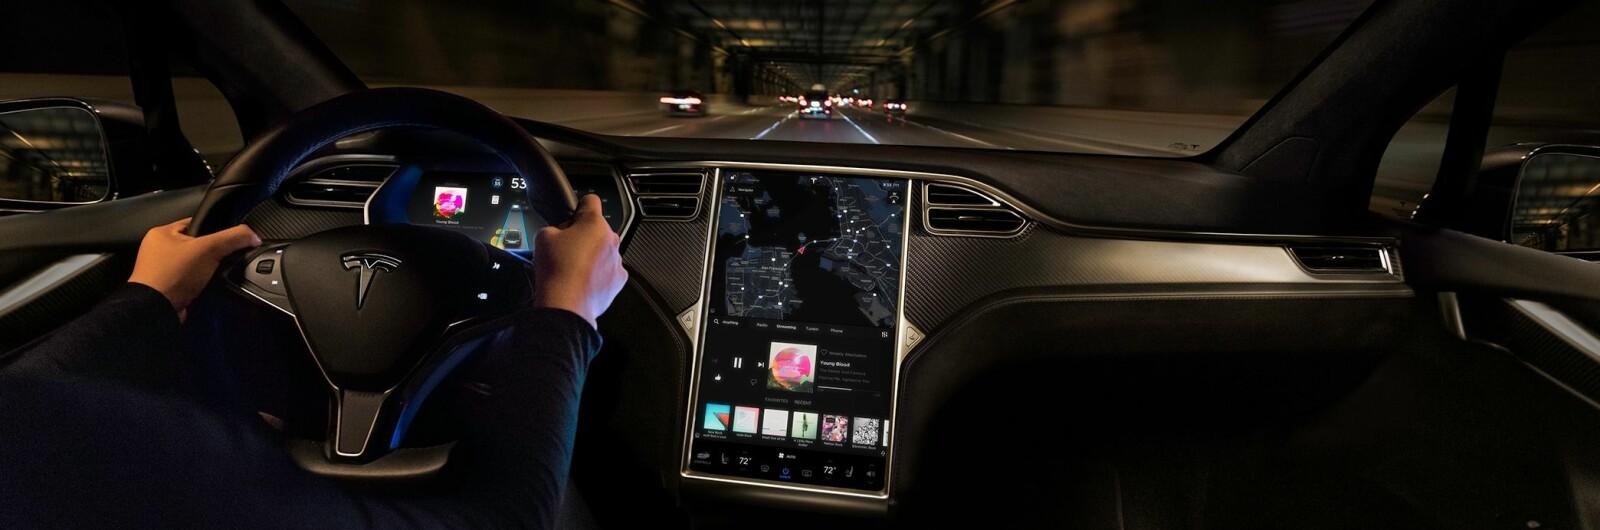 <b>NY PROGRAMVARE:</b> Den største endringen i programvaren til Model S og Model X på to år er straks klar for utrulling. Bildet viser versjon 8.1. Den nye programvaren er versjon 9.0 og bringer med seg en store endringer i brukergrensesnittet.